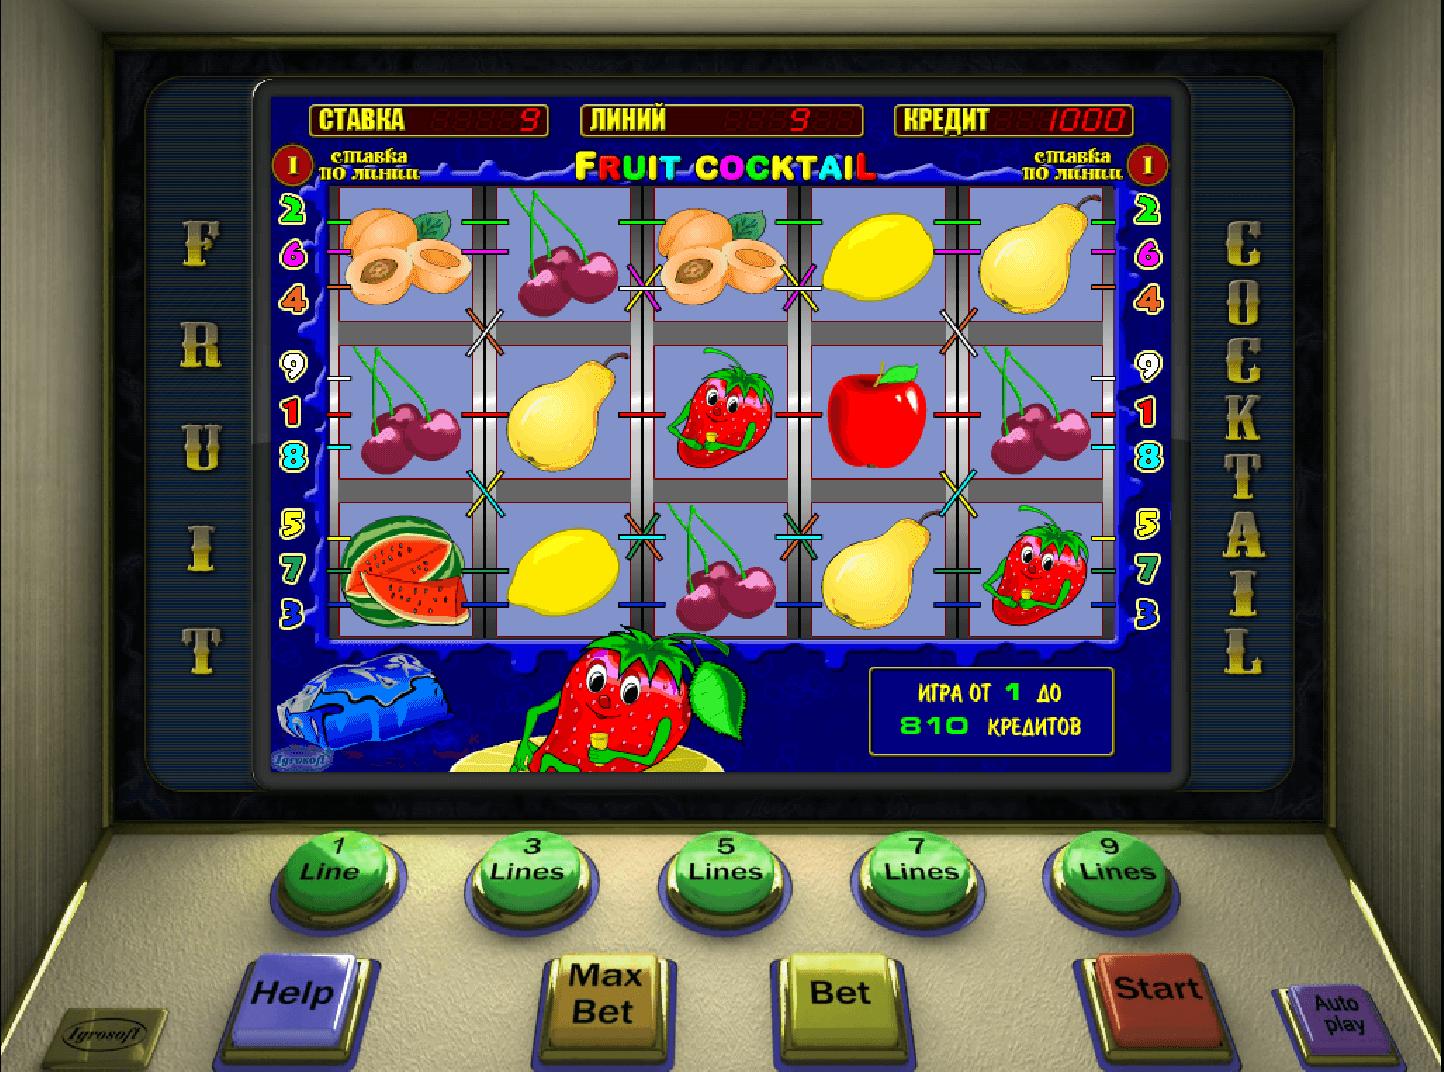 Скачать бесплатно игровые автоматы игру фруктовый коктейль игровые автоматы леменги